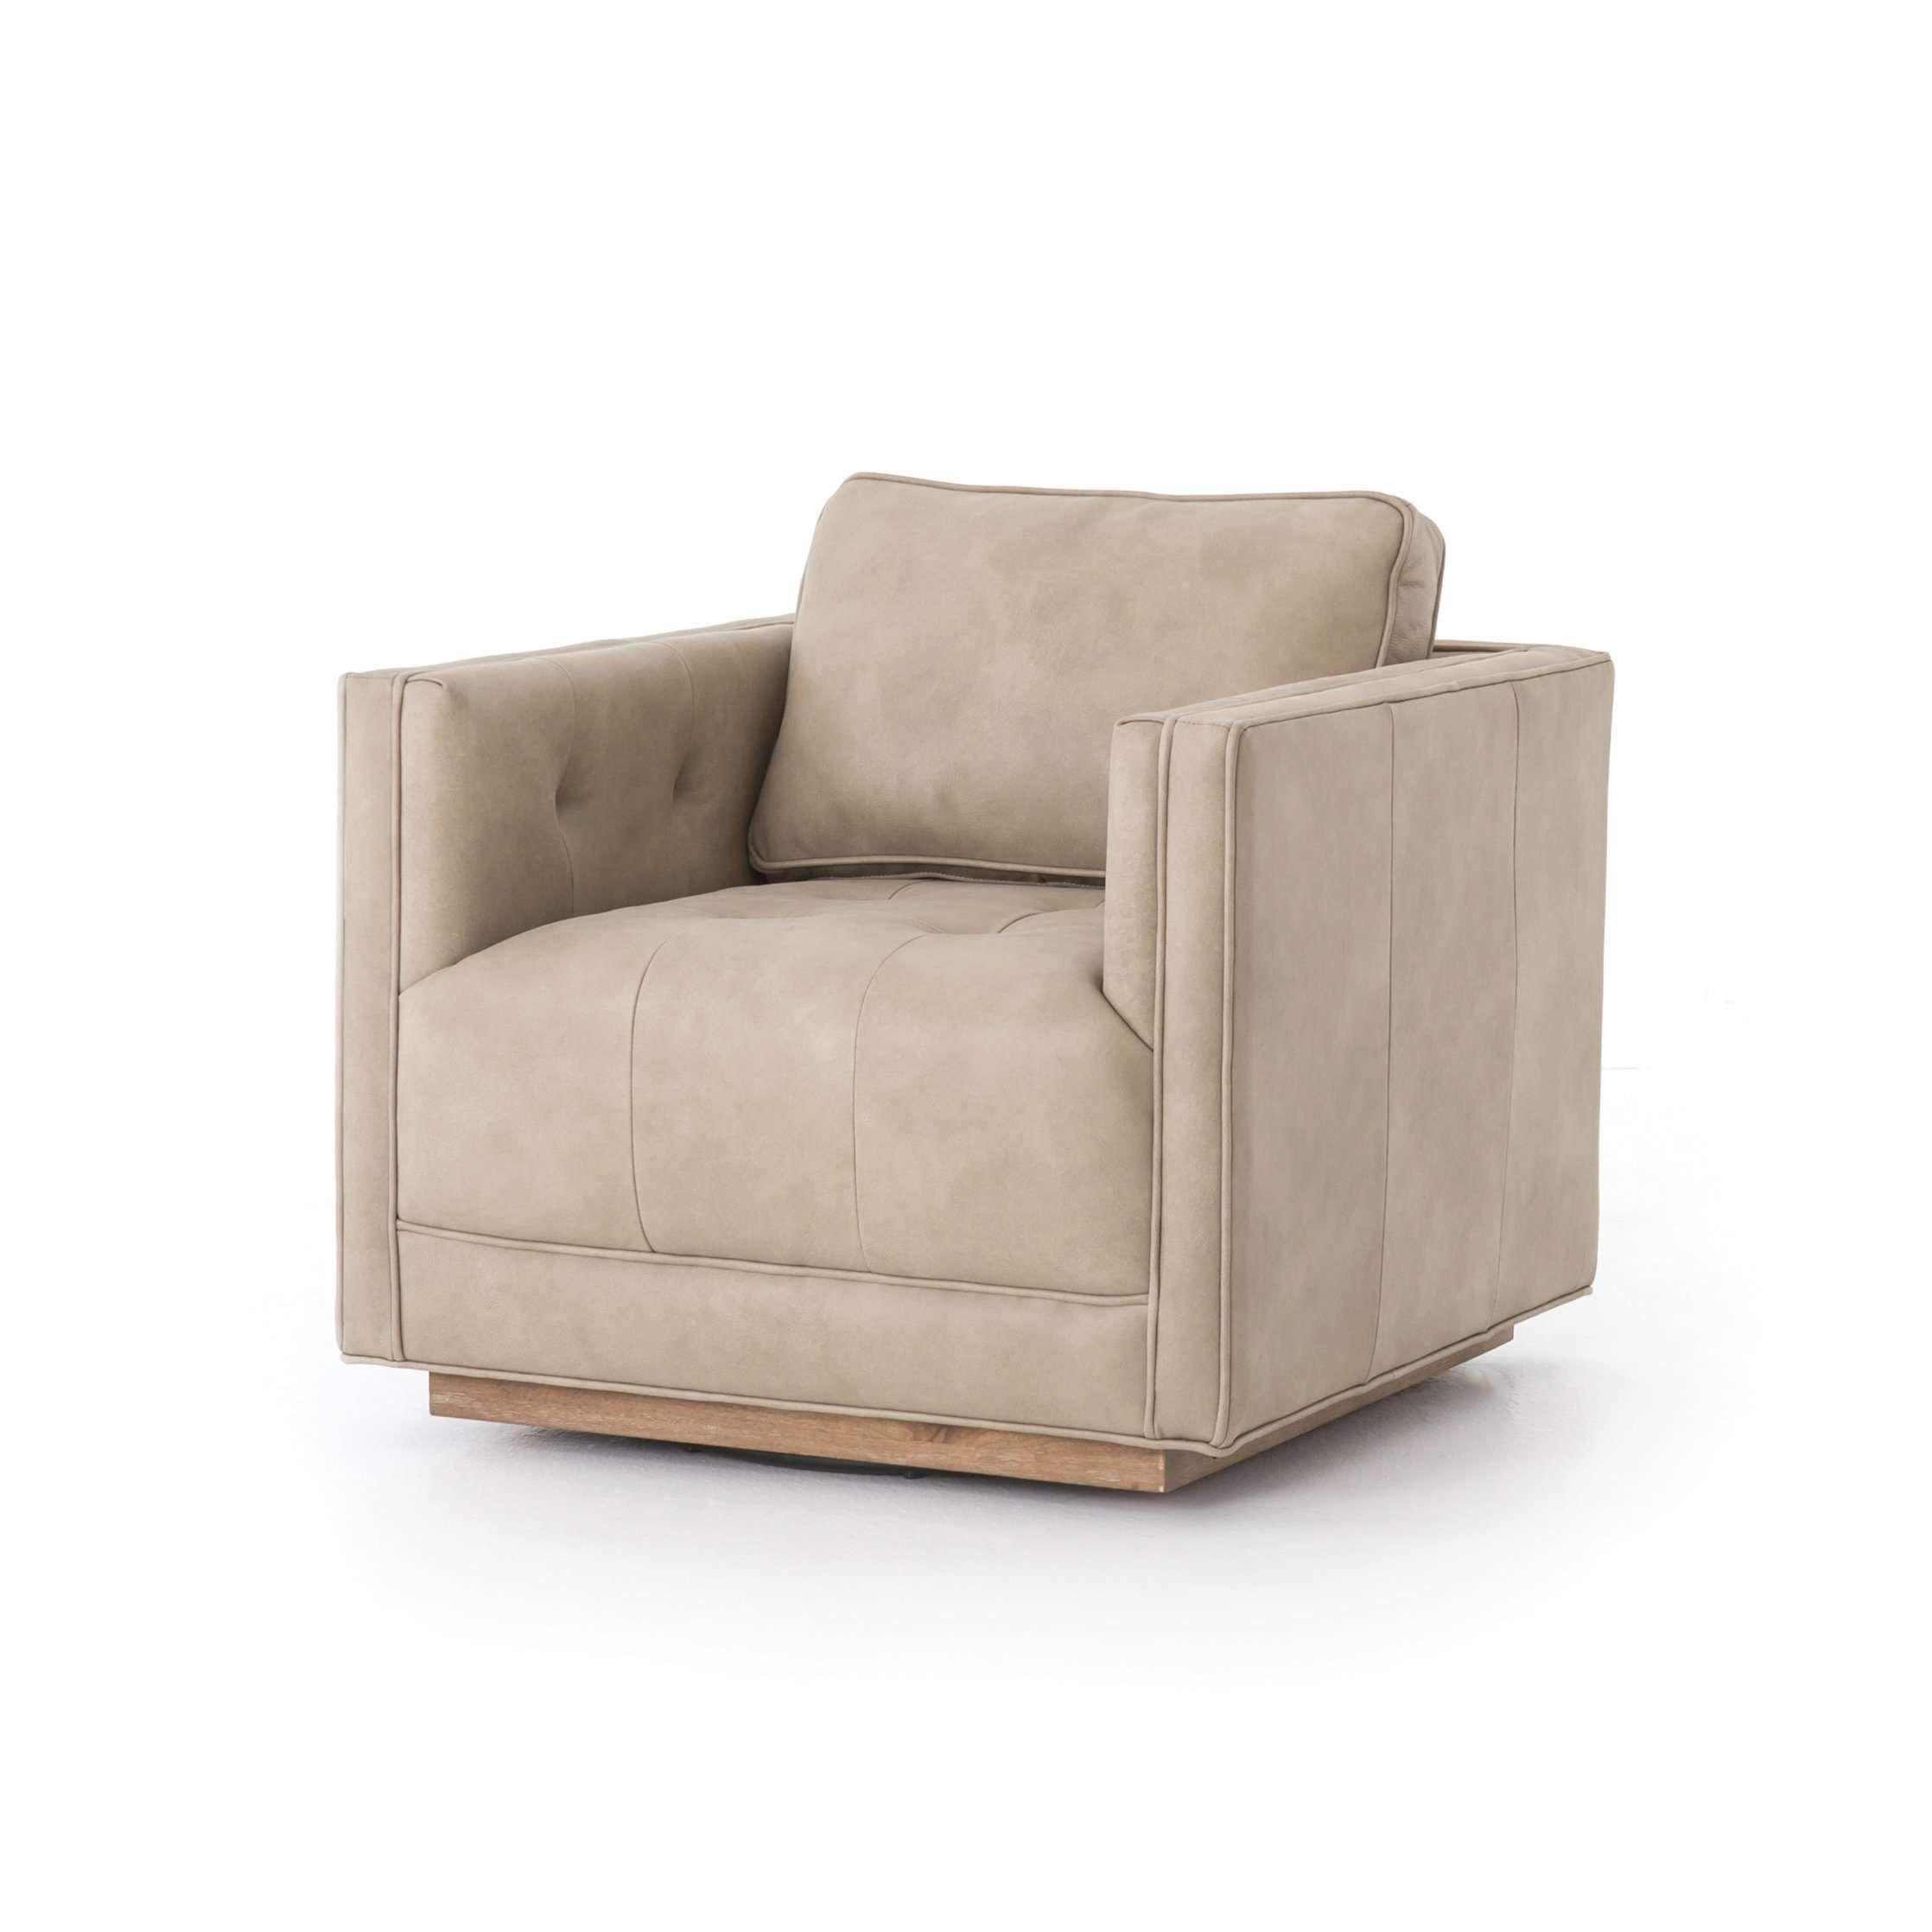 Kiera Leather Swivel Chair Leather swivel chair, Swivel